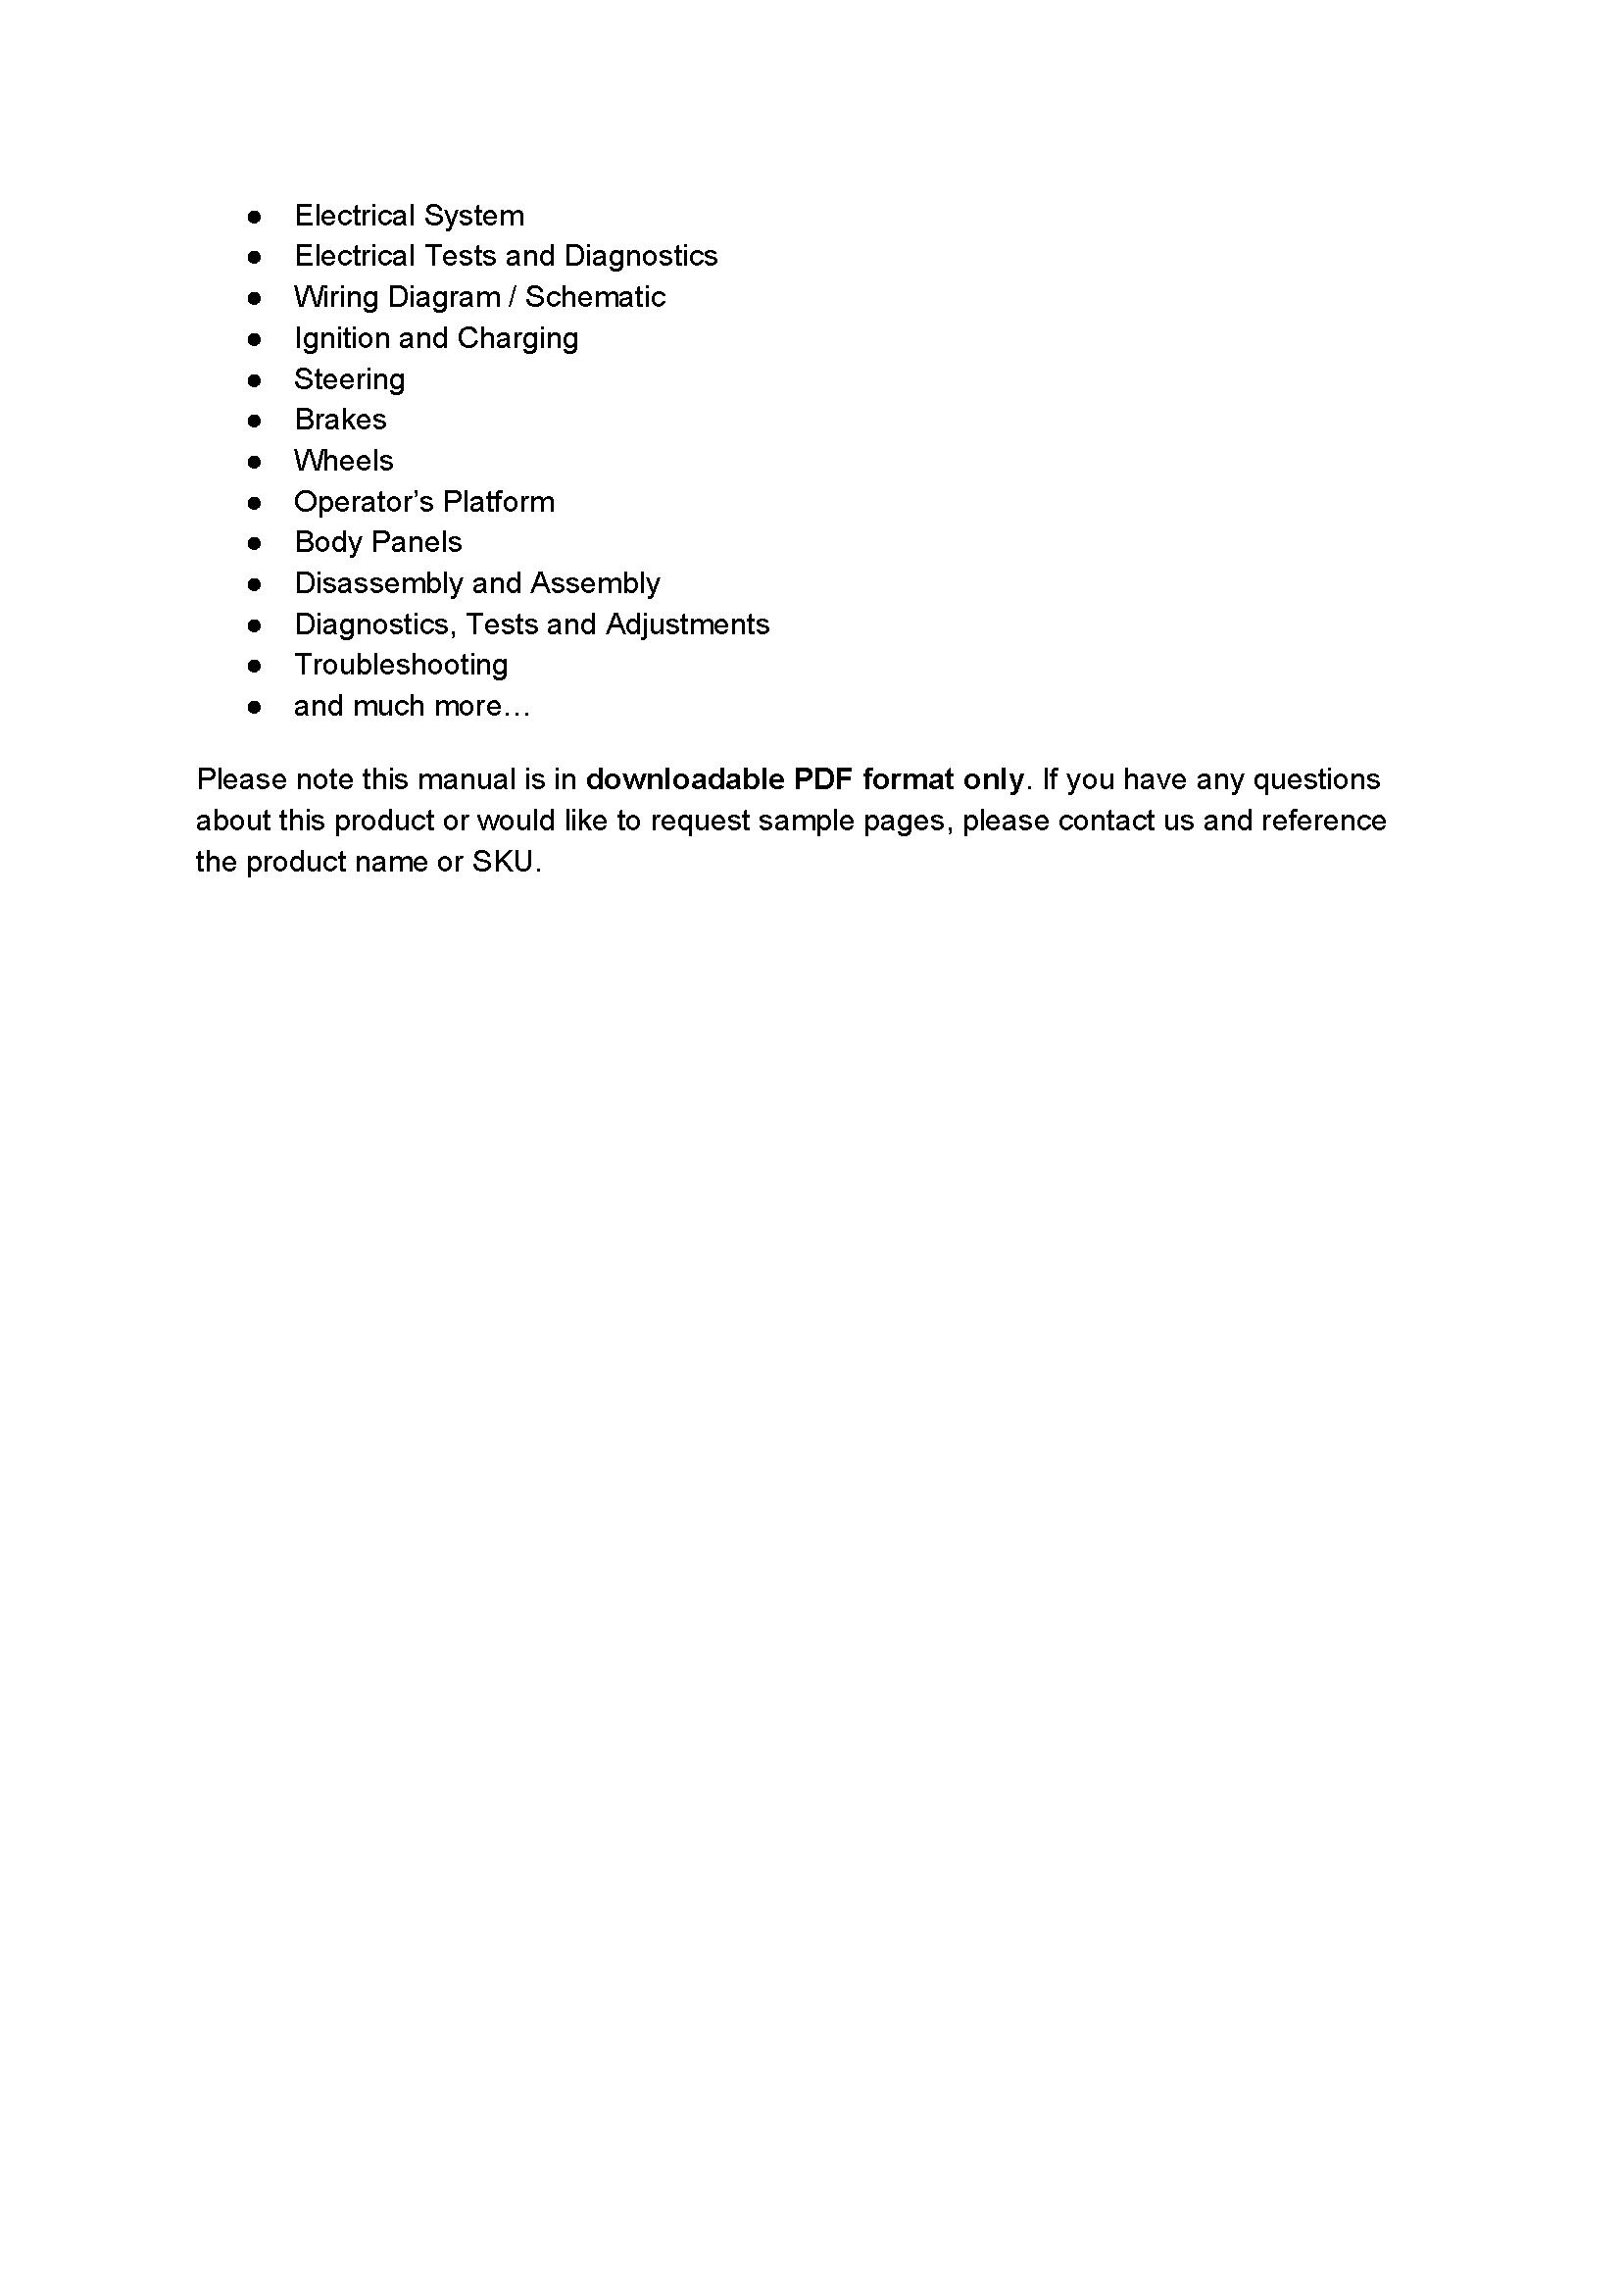 John Deere 650K manual pdf